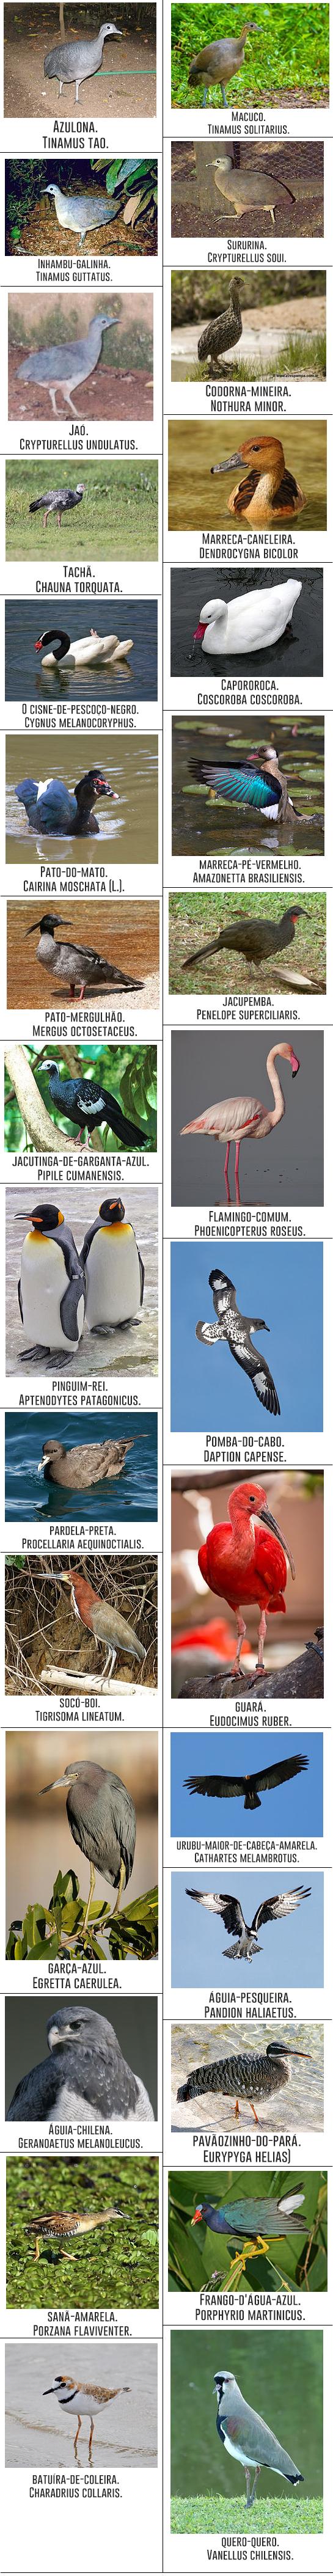 30-imagens-de-aves